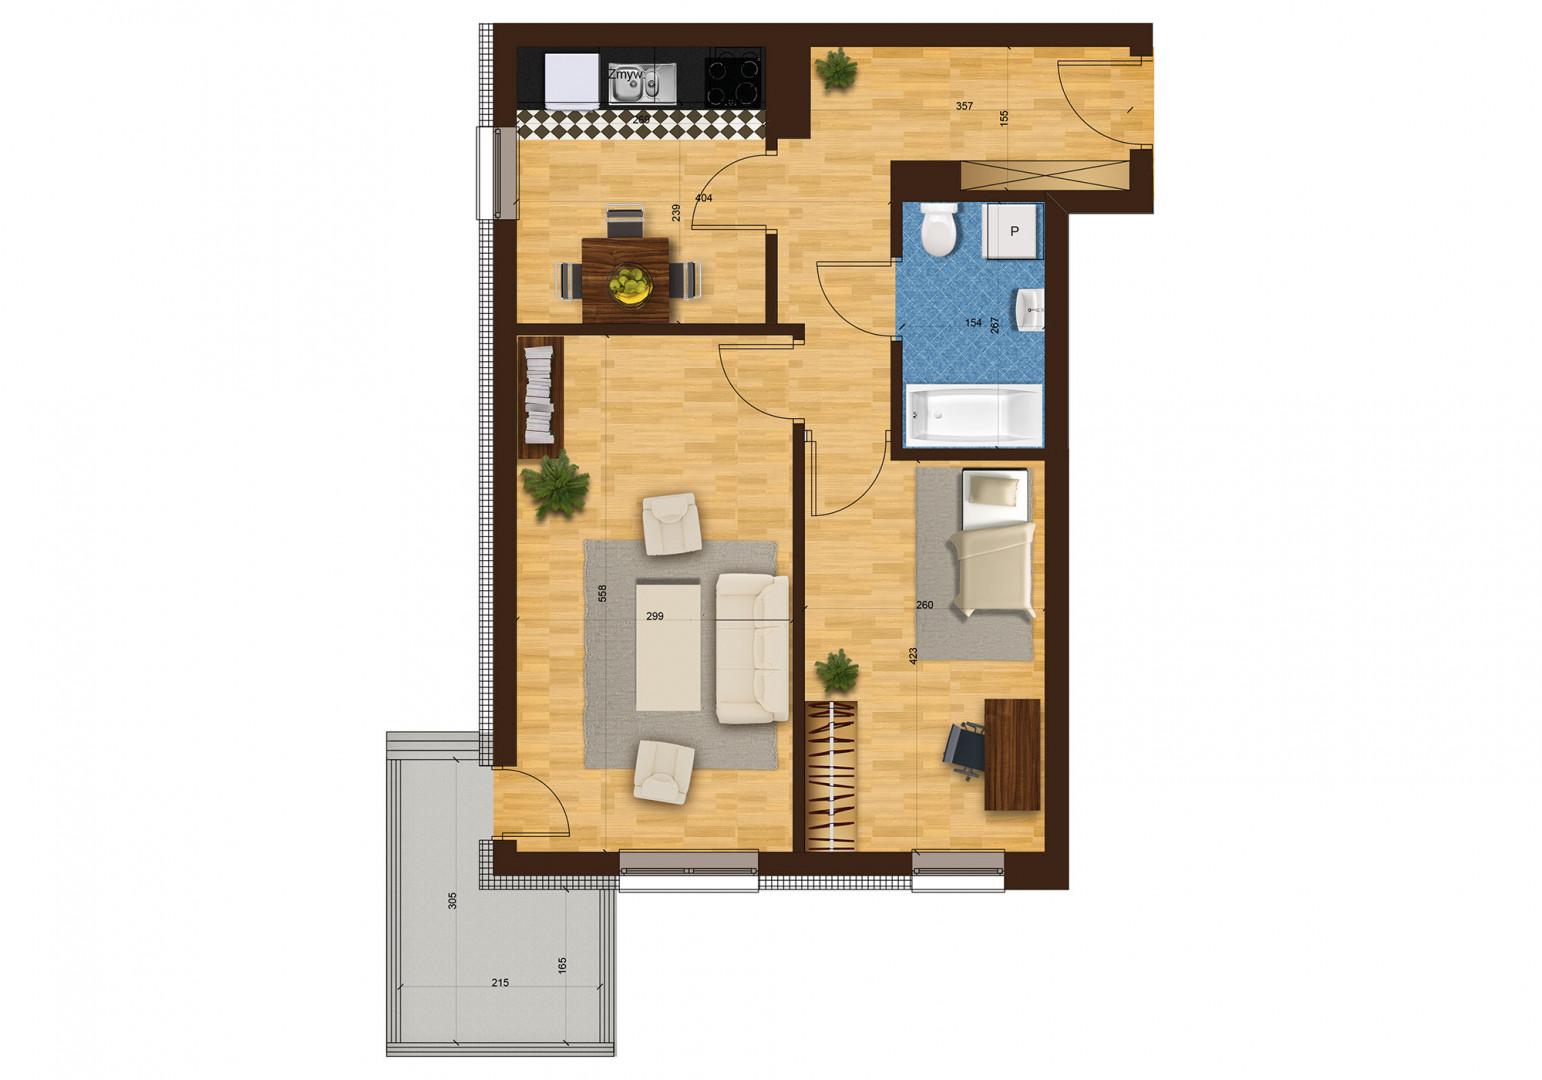 Mieszkanie dwupokojowe 29G/2 rzut 1